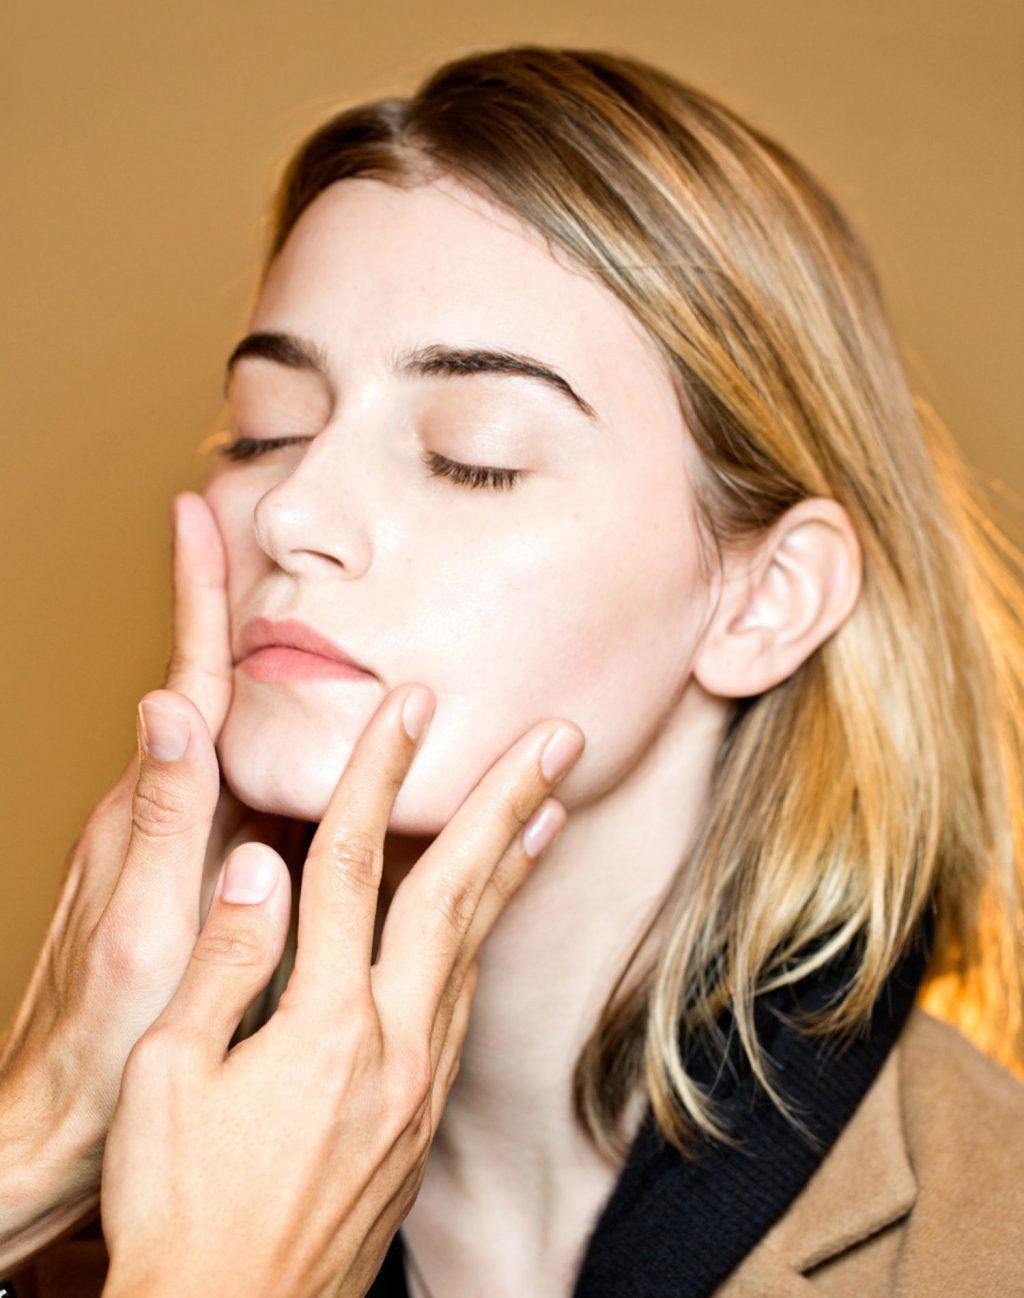 Liệu kem dưỡng ẩm có phải là bạn thân của làn da?Không thoa kem dưỡng ẩm quá dày để giúp da ăn lớp trang điểm